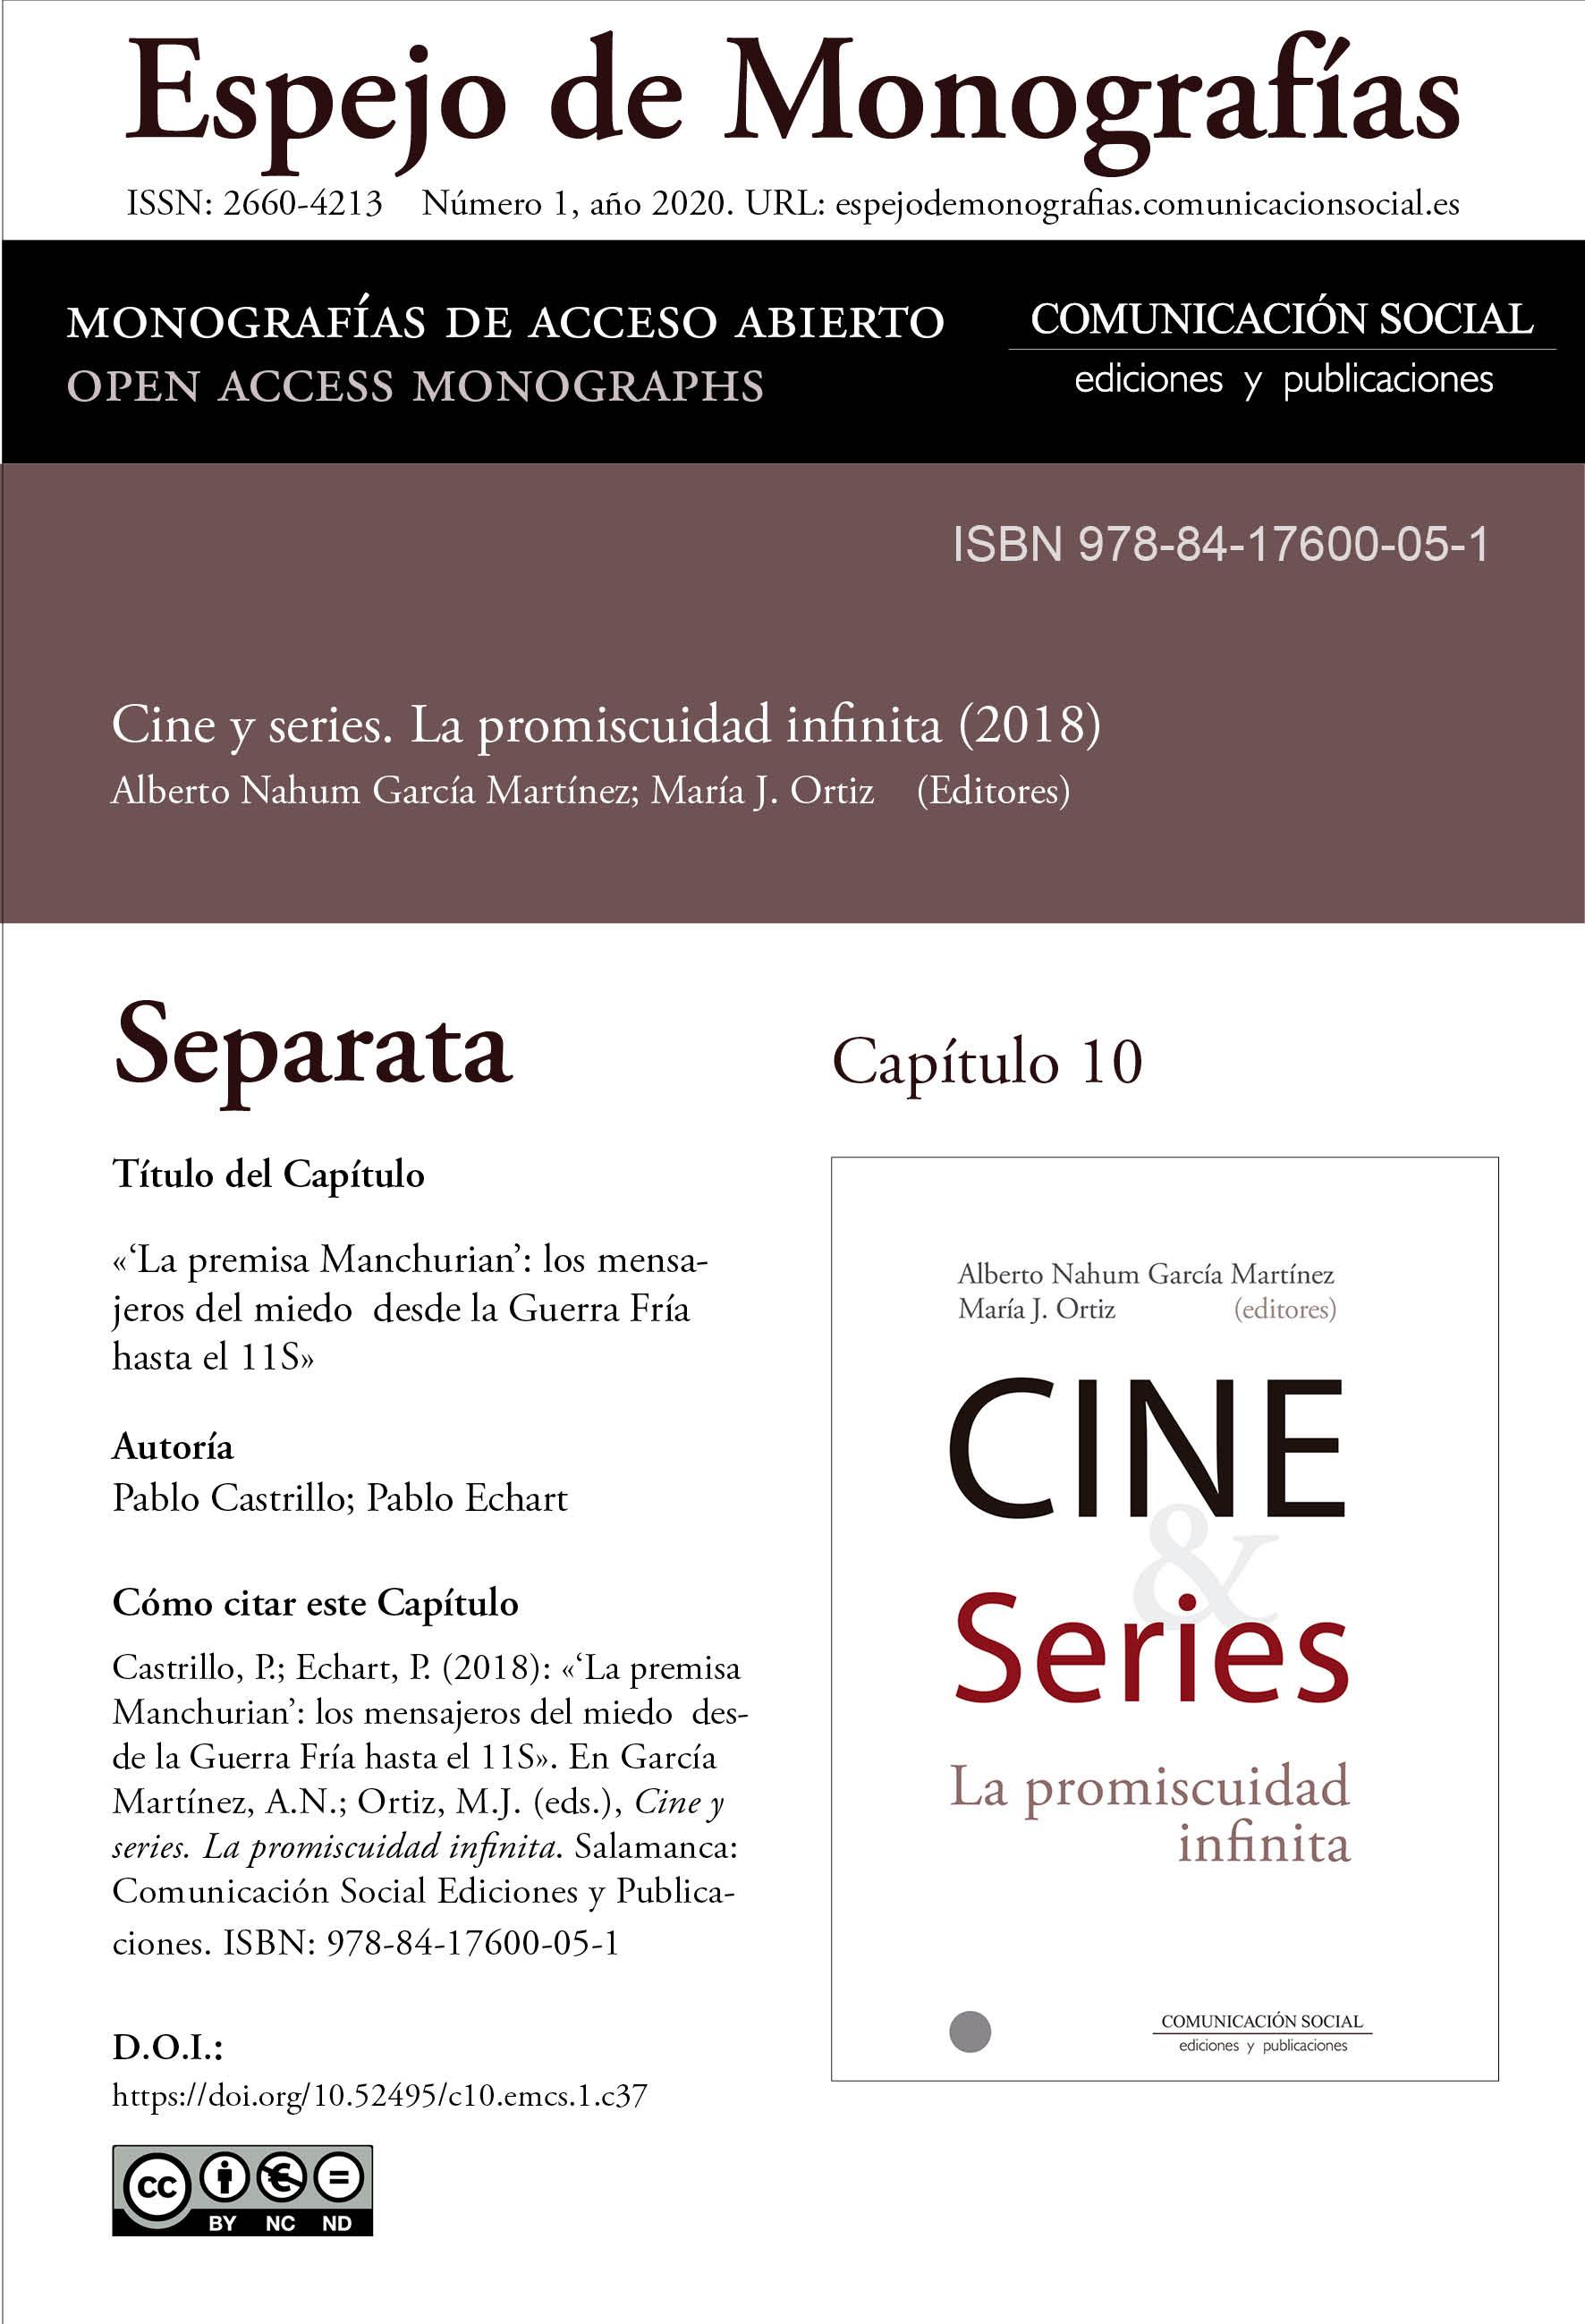 Separata del Capítulo 10 correspondiente a la monografía Cine y series: la promiscuidad infinita